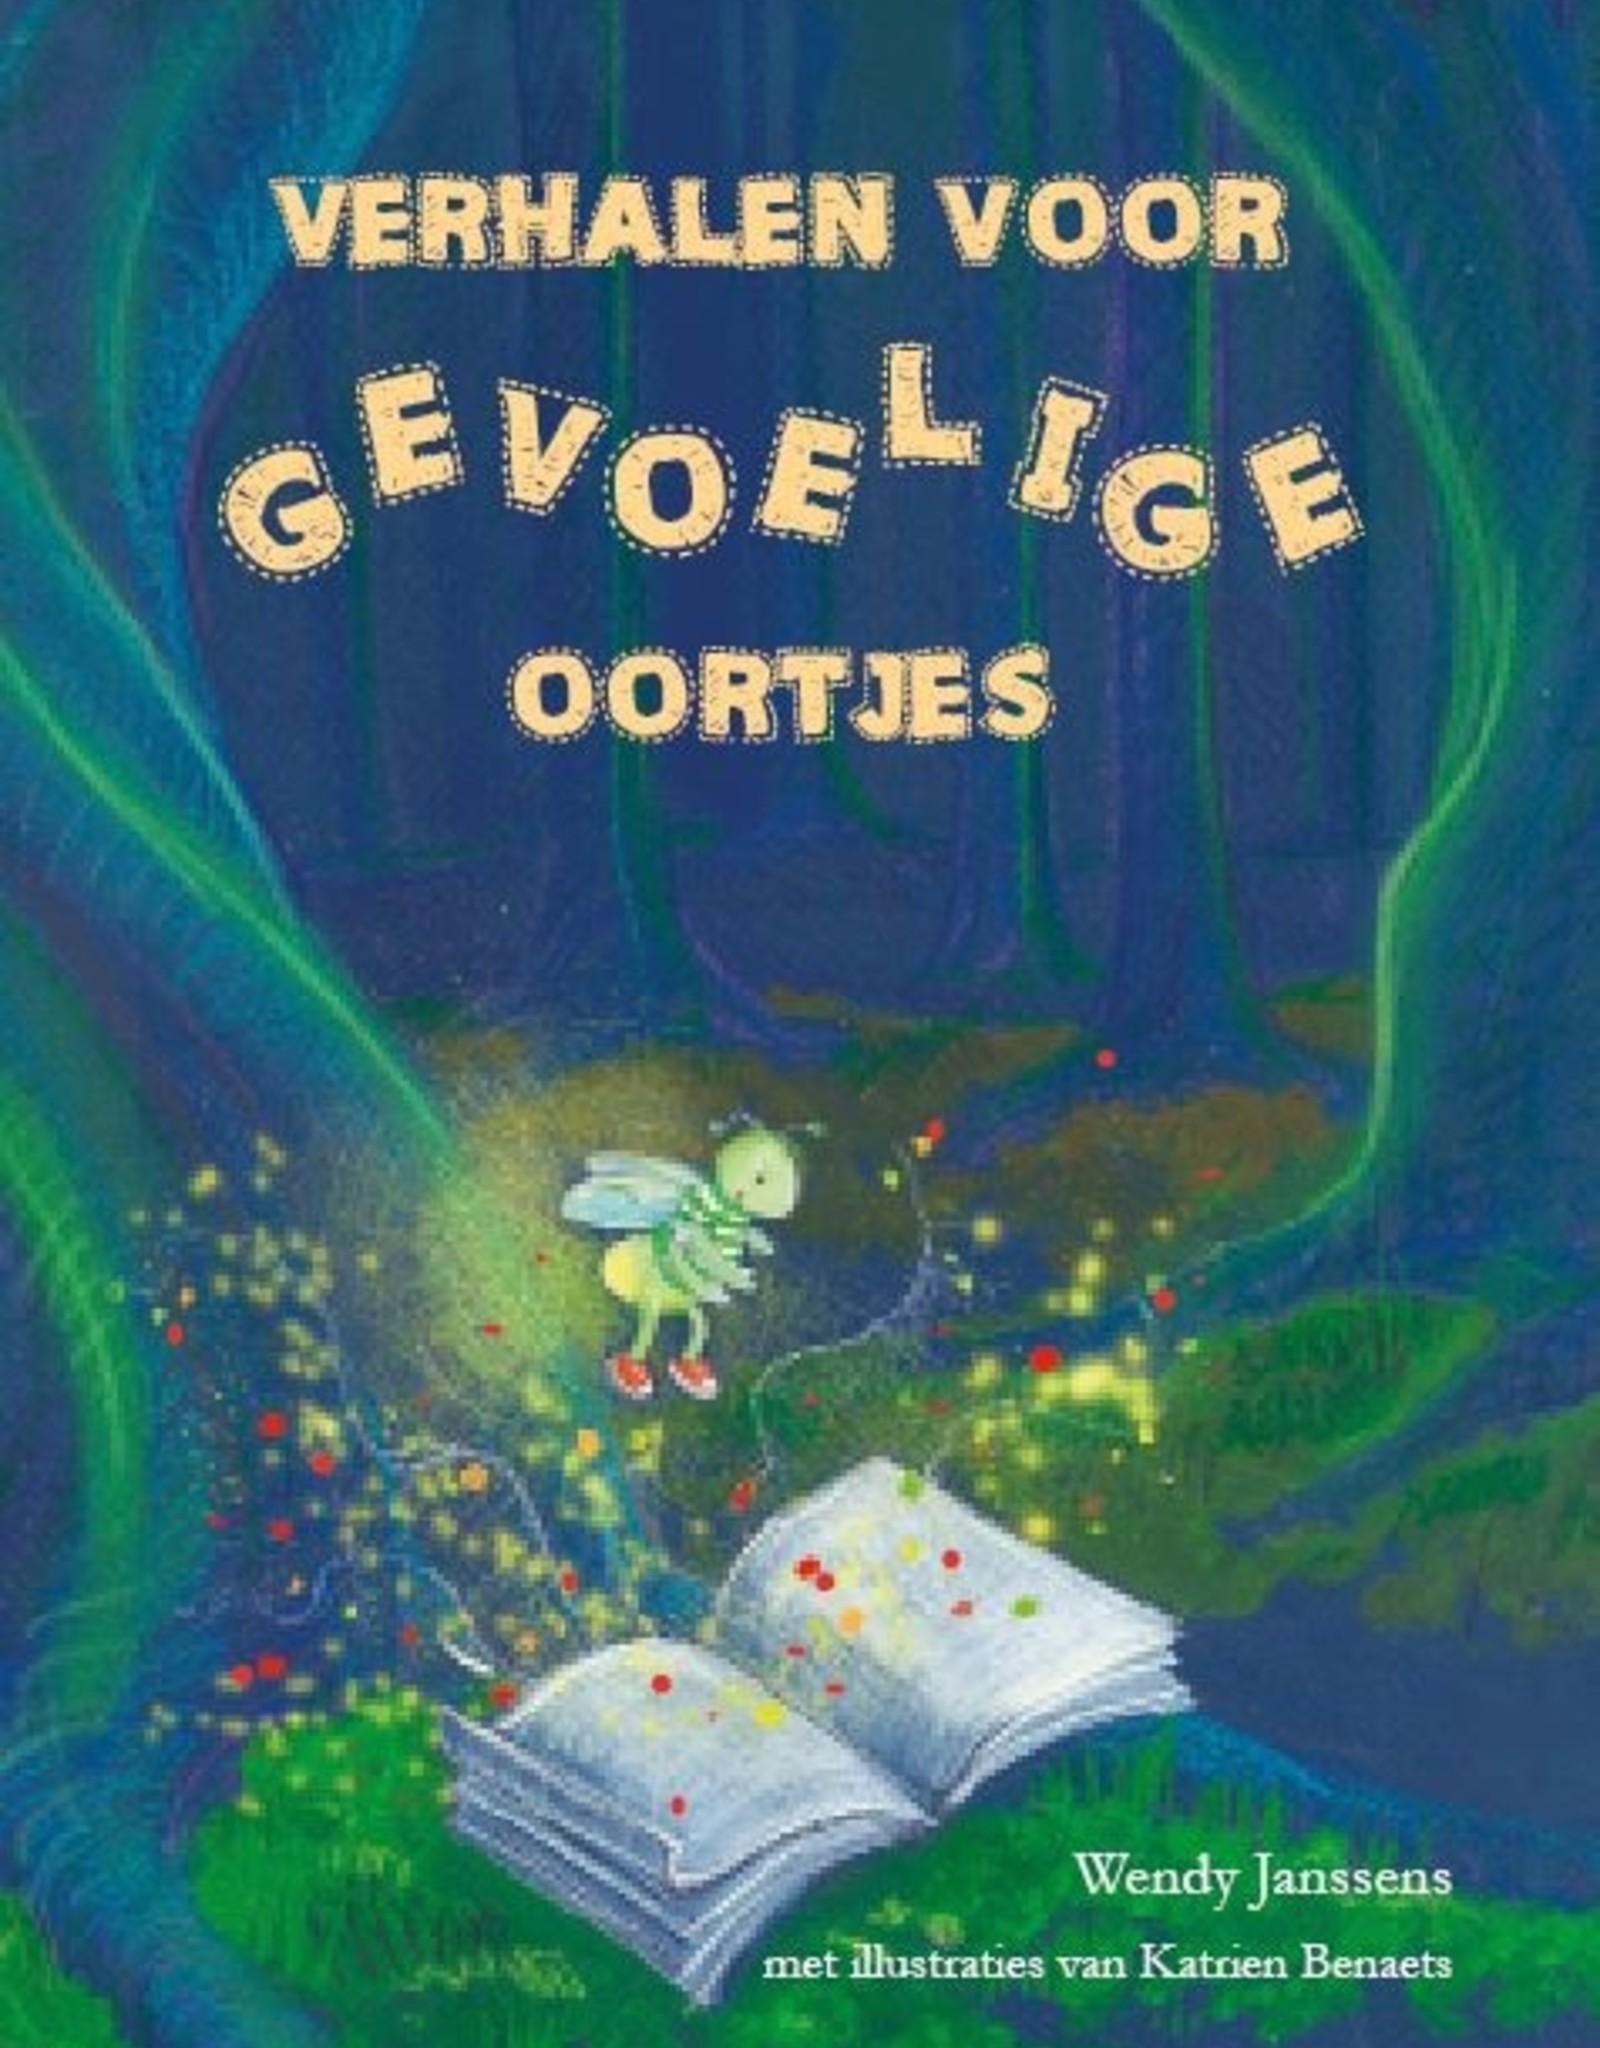 Verhalen voor gevoelige oortjes Boek 1 verhalen voor gevoelige oortjes